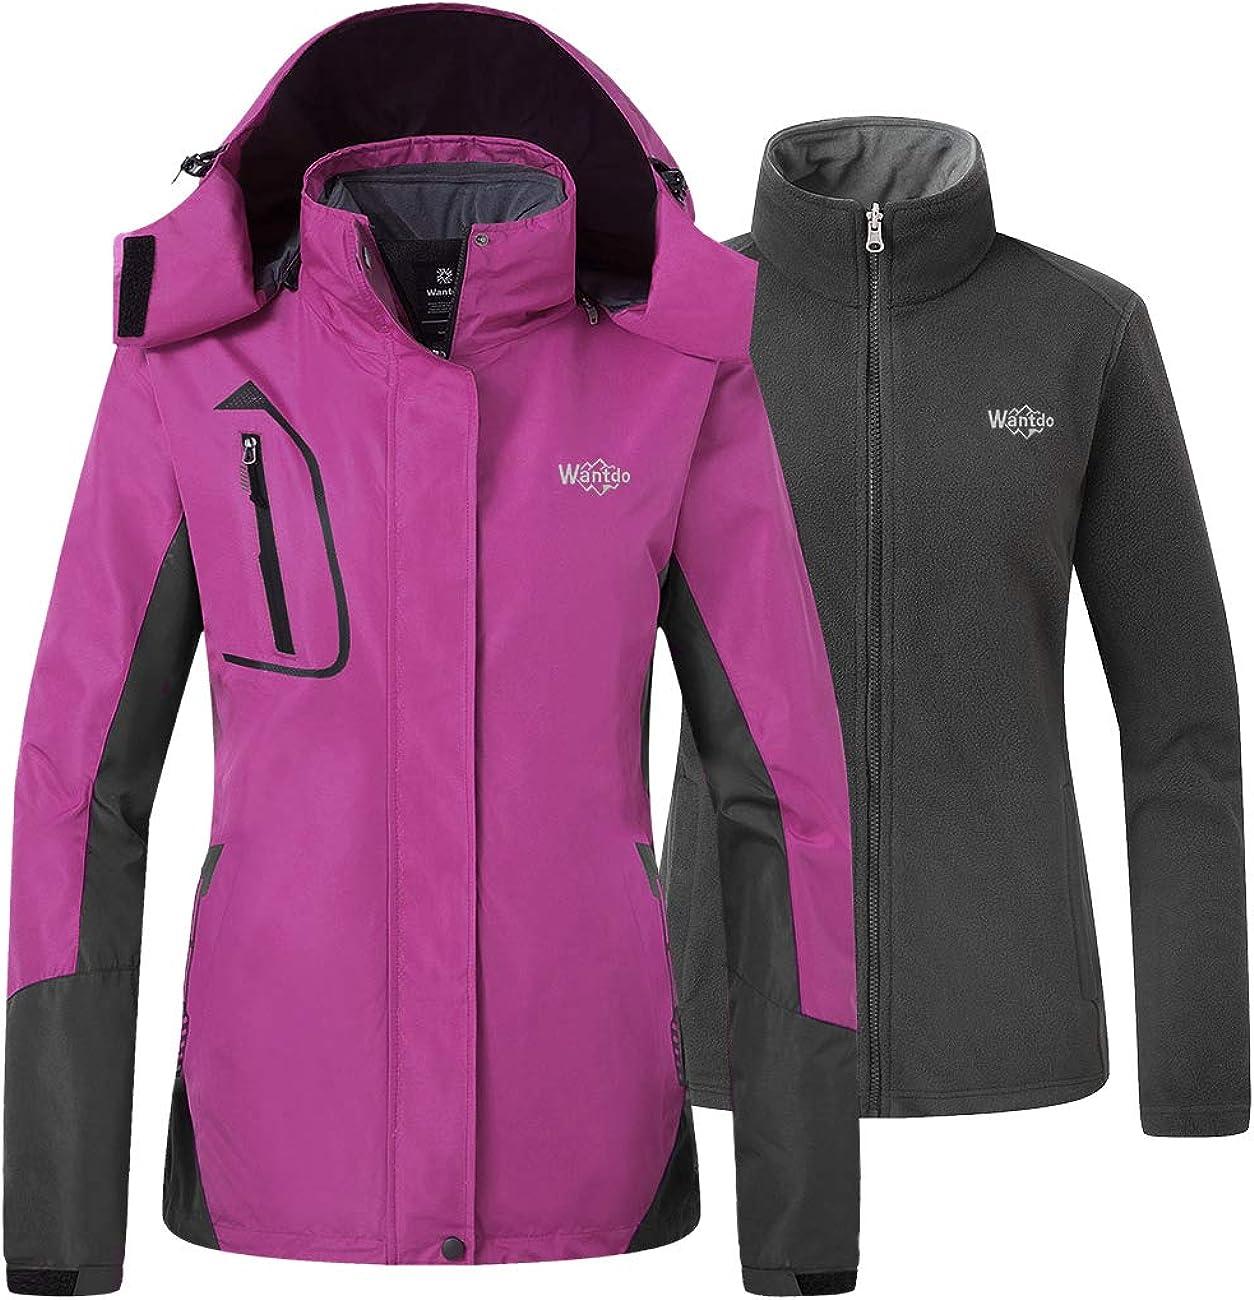 Wantdo Womens 3 in 1 Ski Jacket Waterproof Snowboarding Jacket Insulated Fleece Jacket Winter Snow Coat